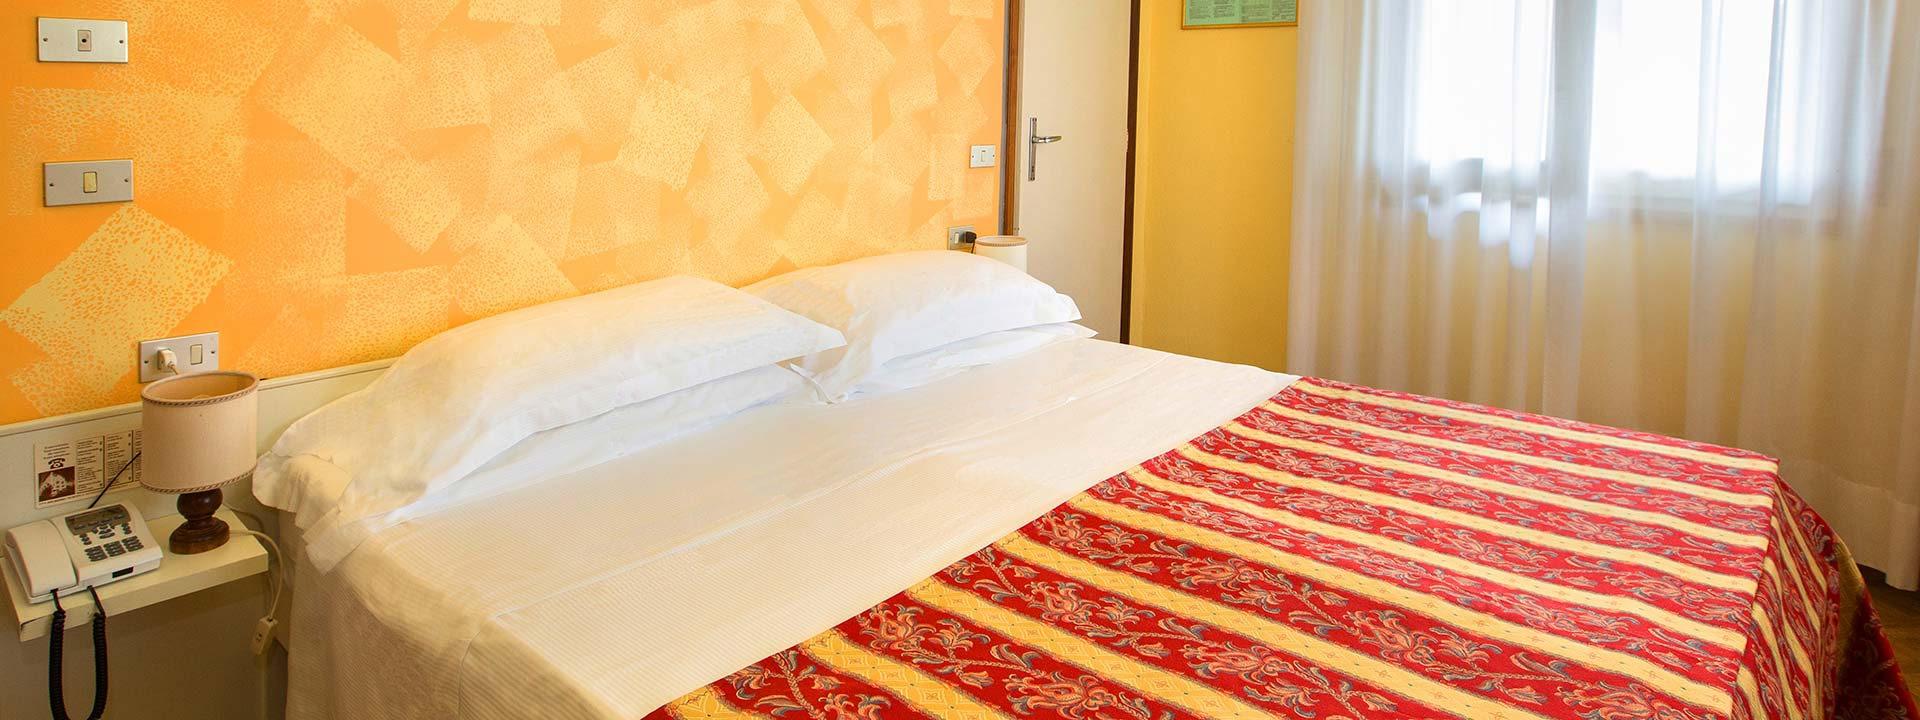 Dormire a salsomaggiore terme in hotel 3 stelle albergo nazionale - Piscina termale salsomaggiore ...